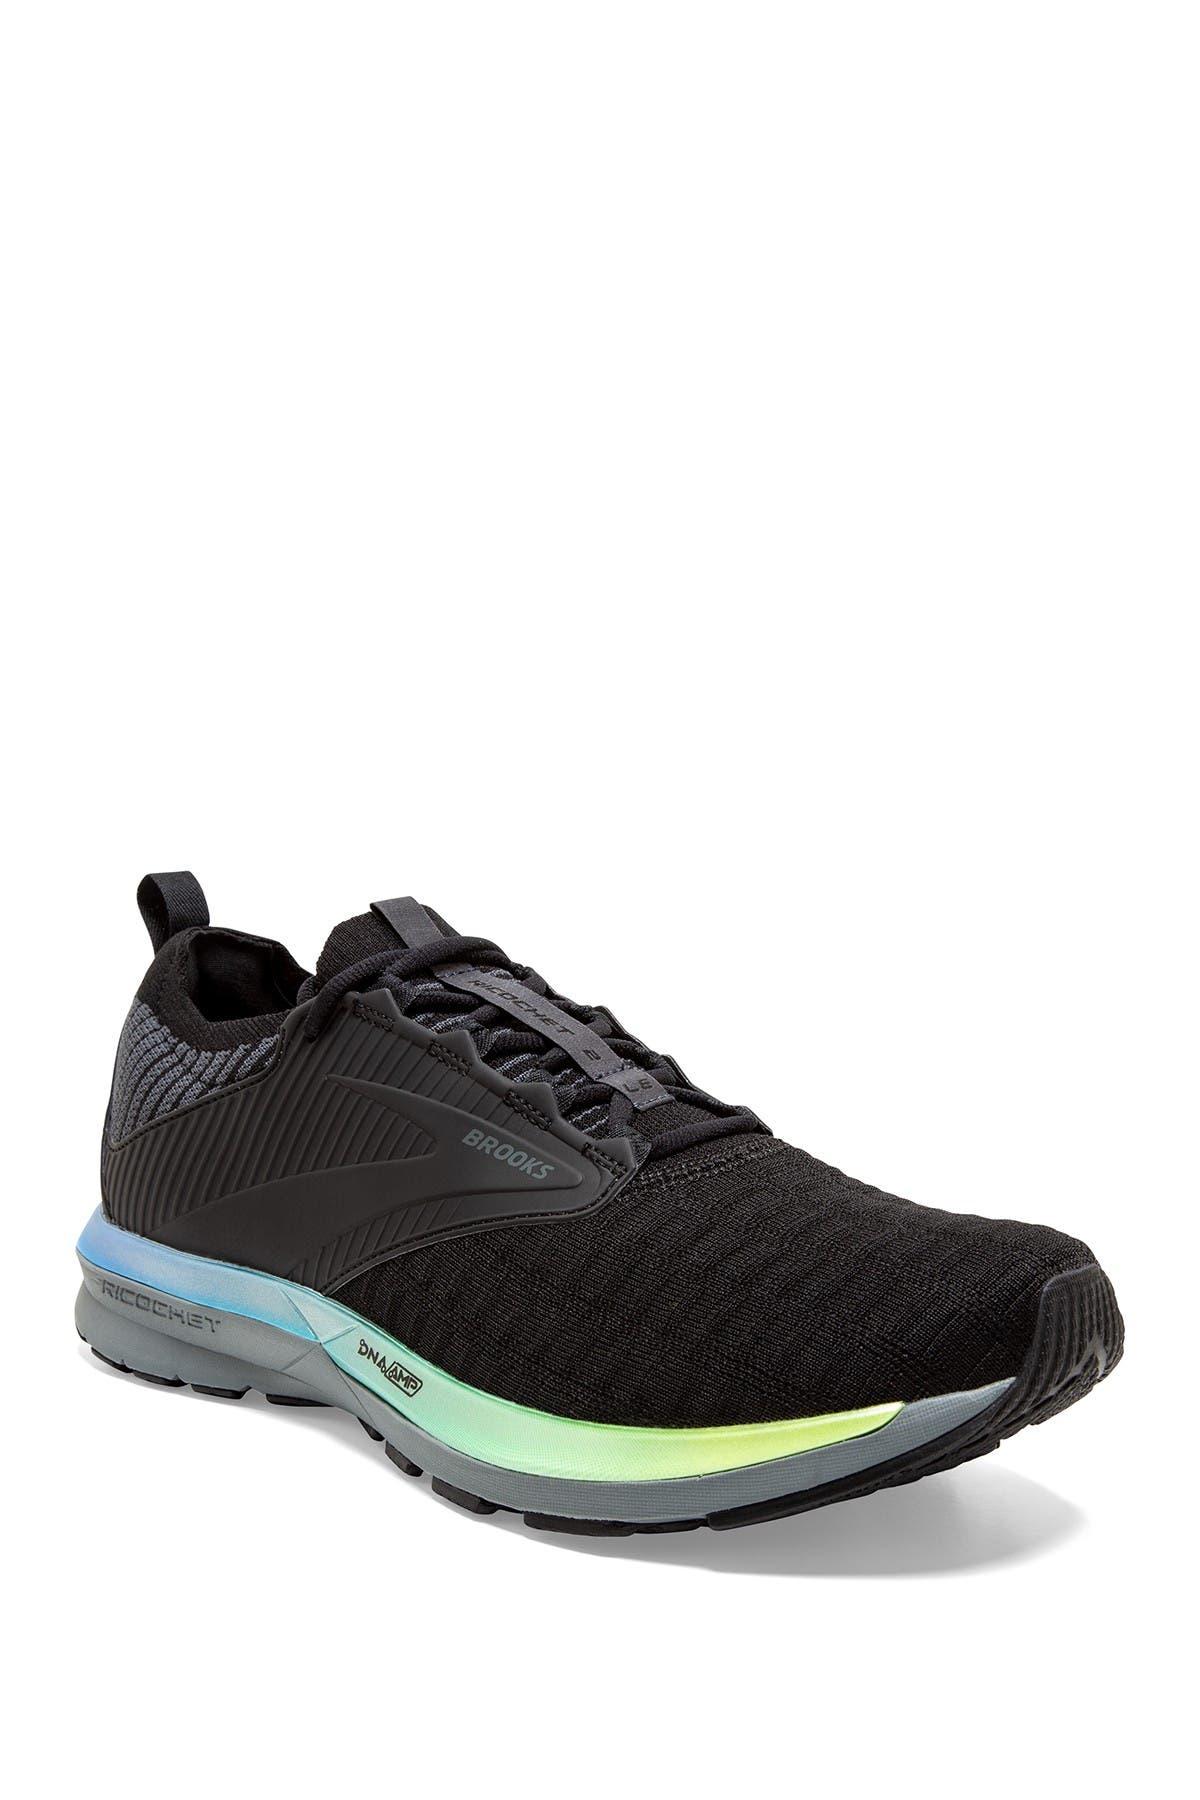 Image of Brooks Ricochet 2 LE Running Sneaker